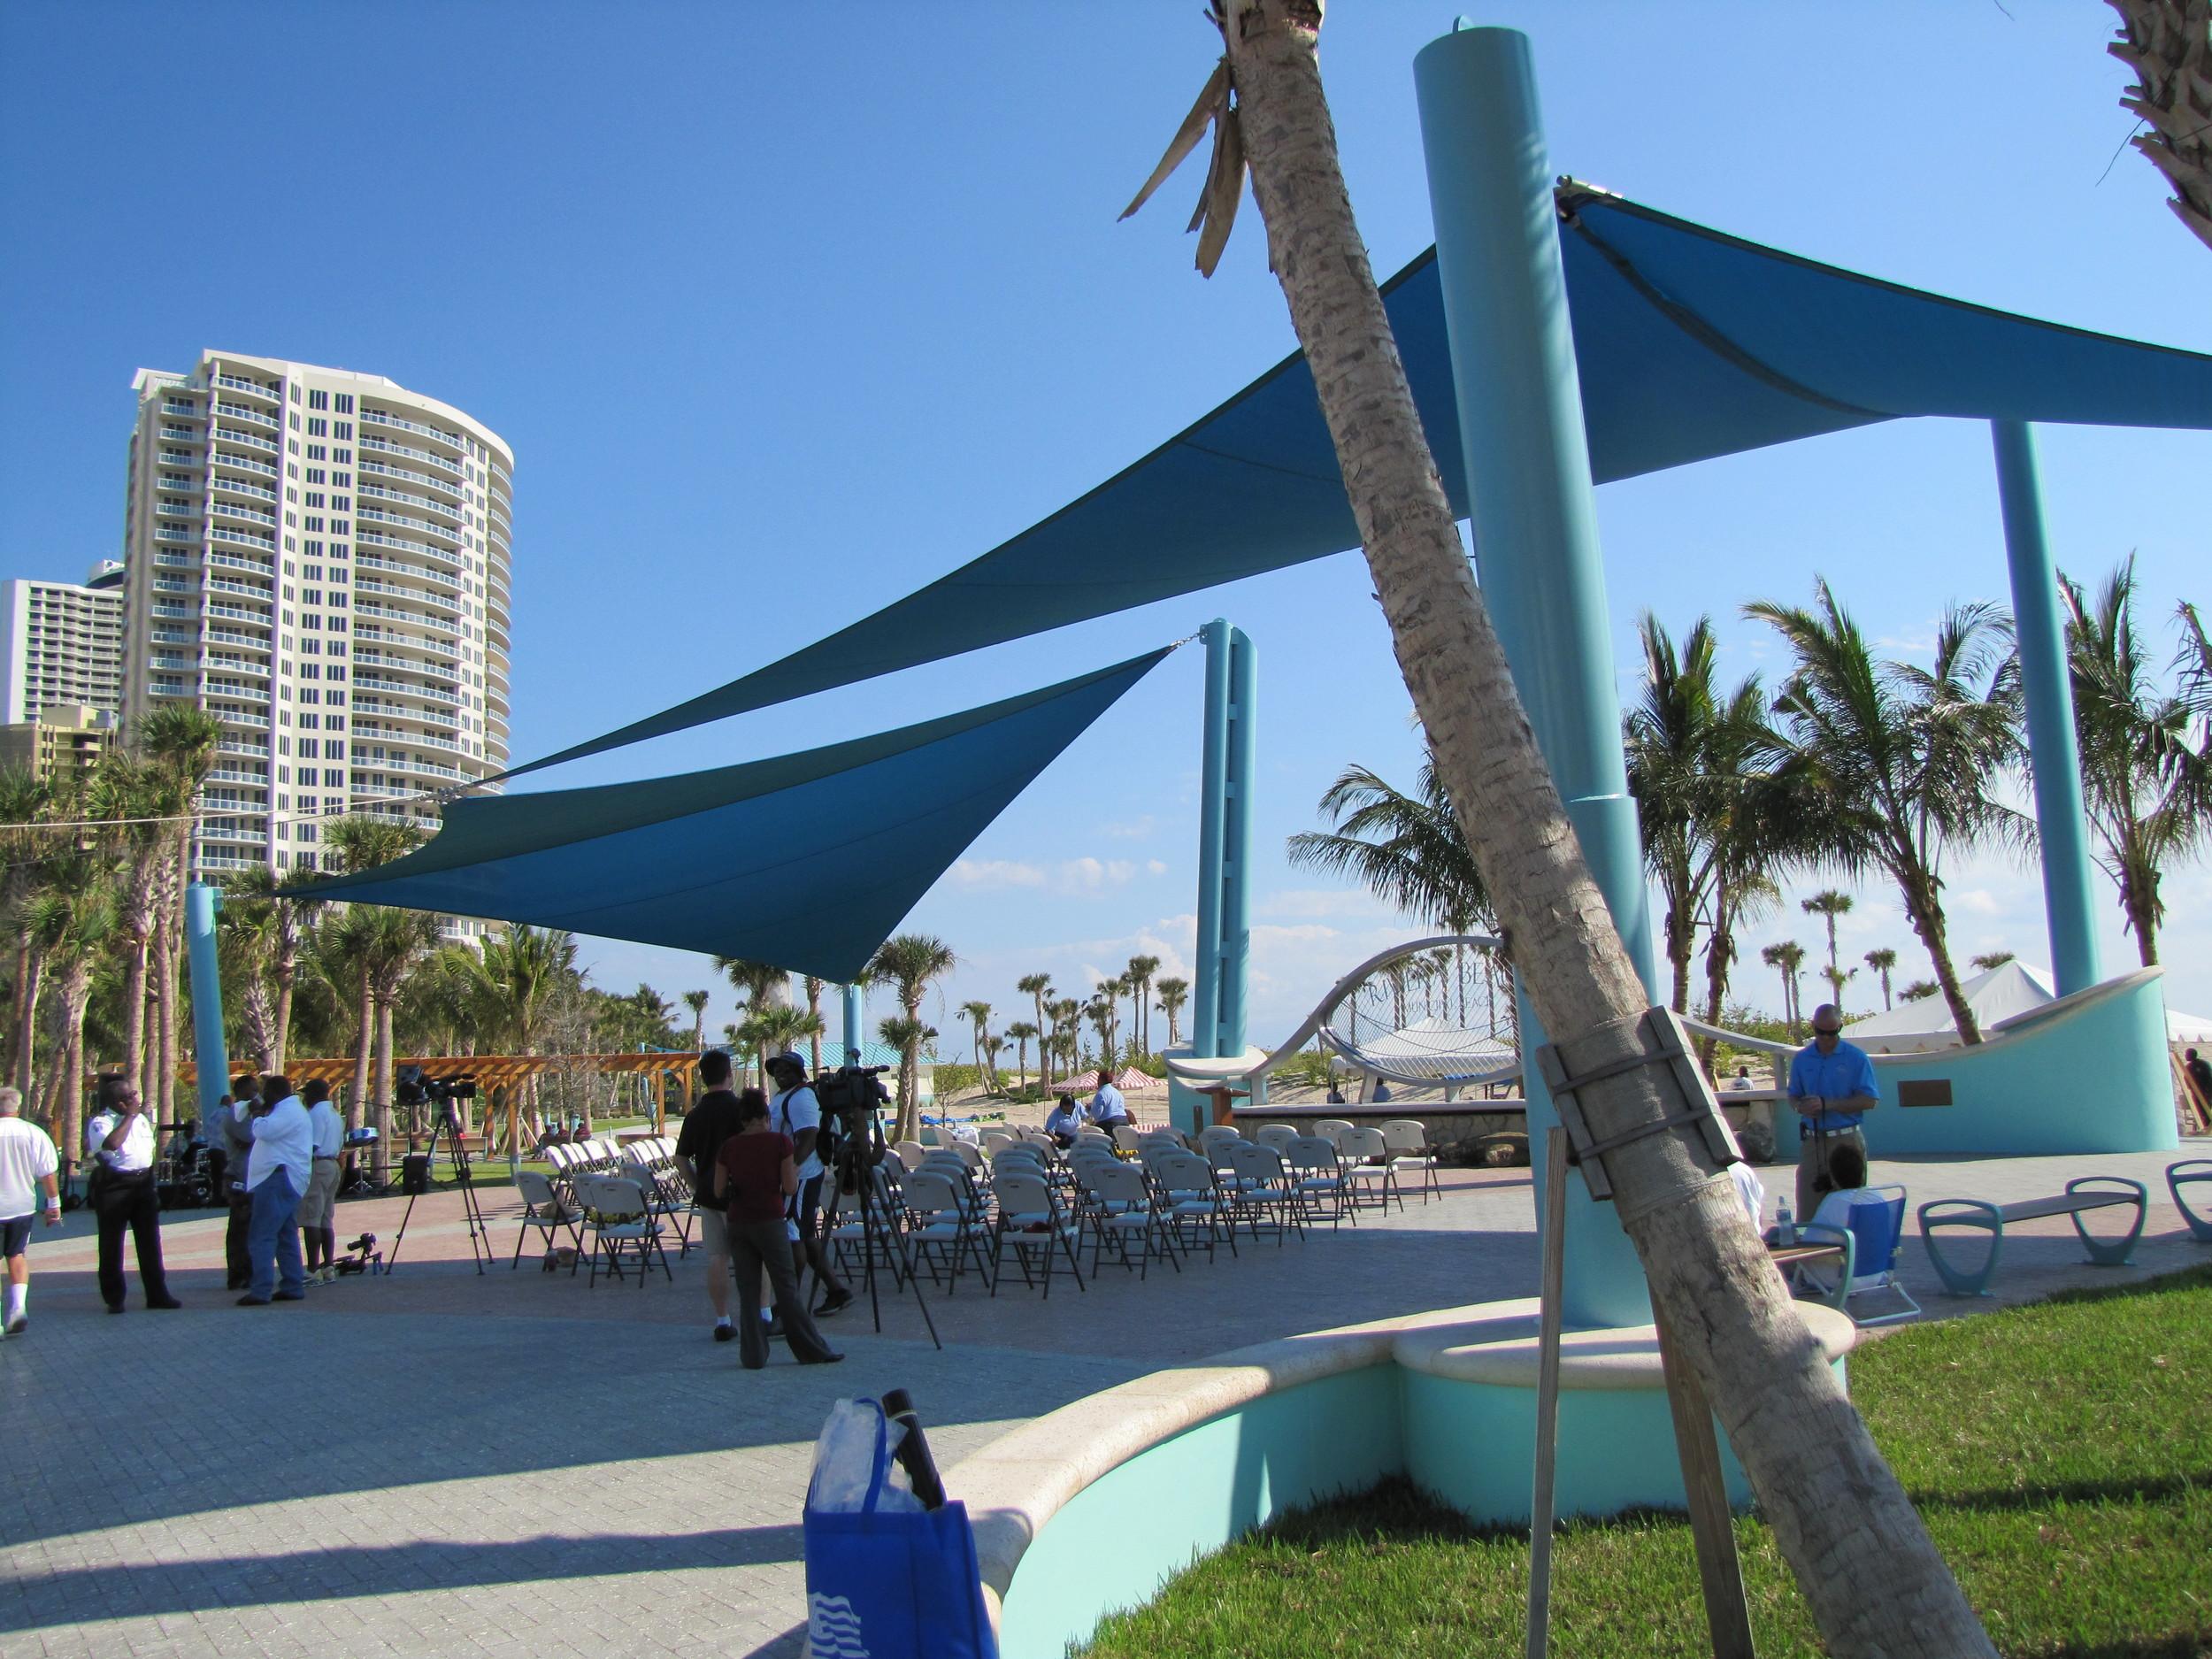 City of Riviera Beach Municipal Beach Park Ocean Mall Shade Sail Courtyard.jpg